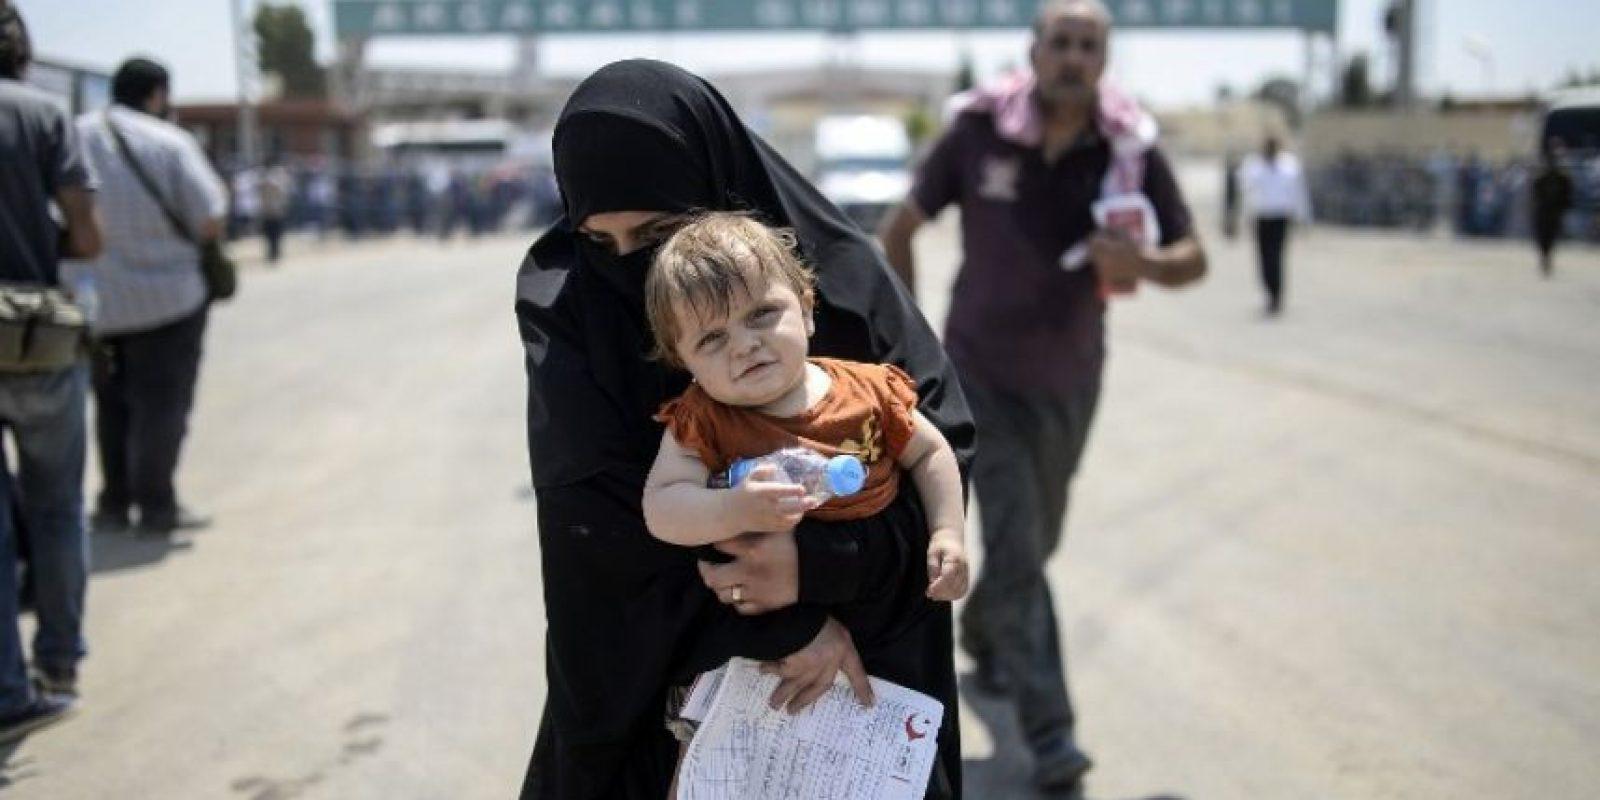 El informe de los investigadores documenta una amplia variedad de violaciones contra grupos étnicos y religiosos, algunos de los cuales podrían corresponder a genocidio. Foto:AFP